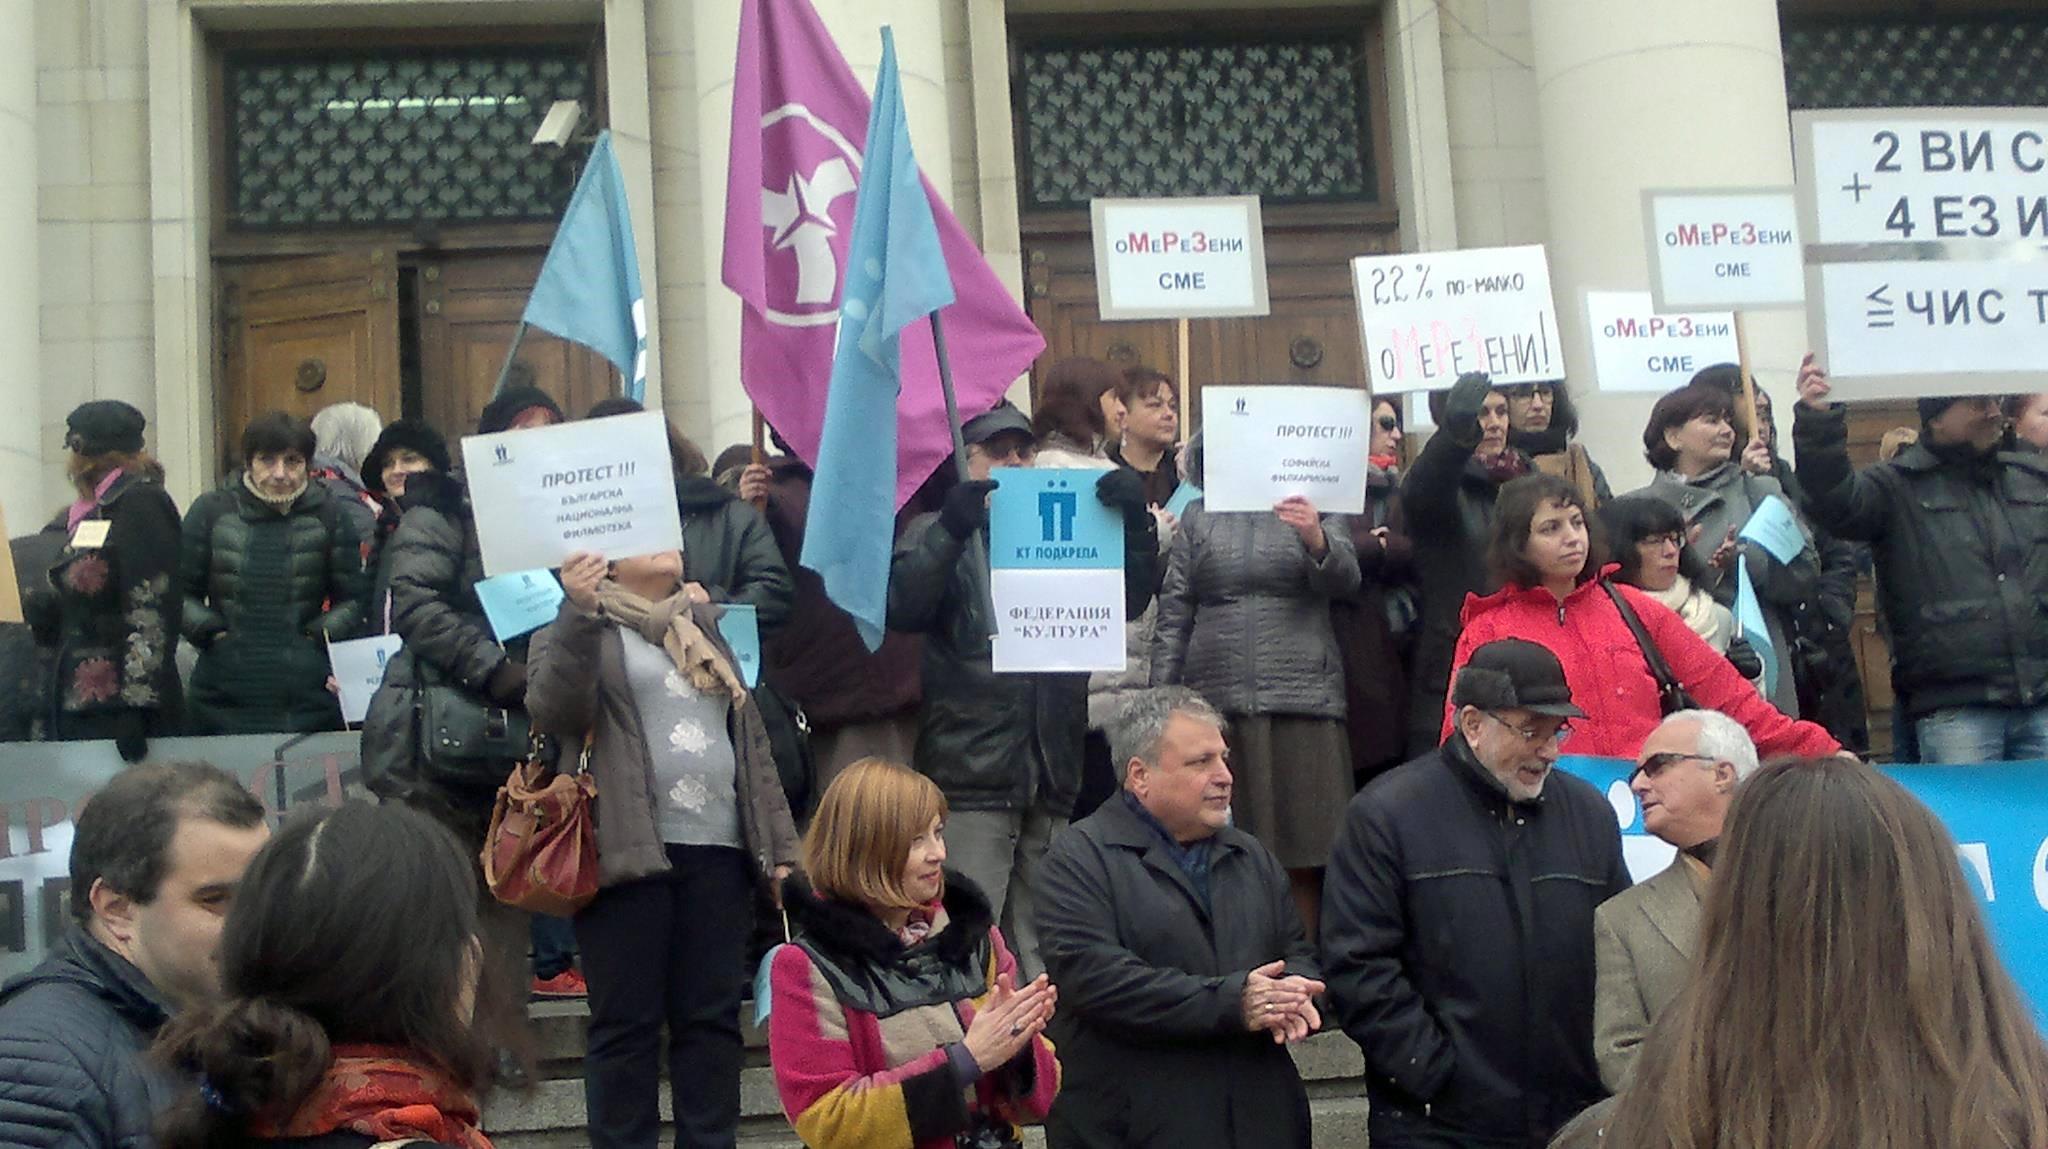 """137-мият рожден ден на Национална библиотека """"Св.св. Кирил и Методий"""" отбелязан с протест"""